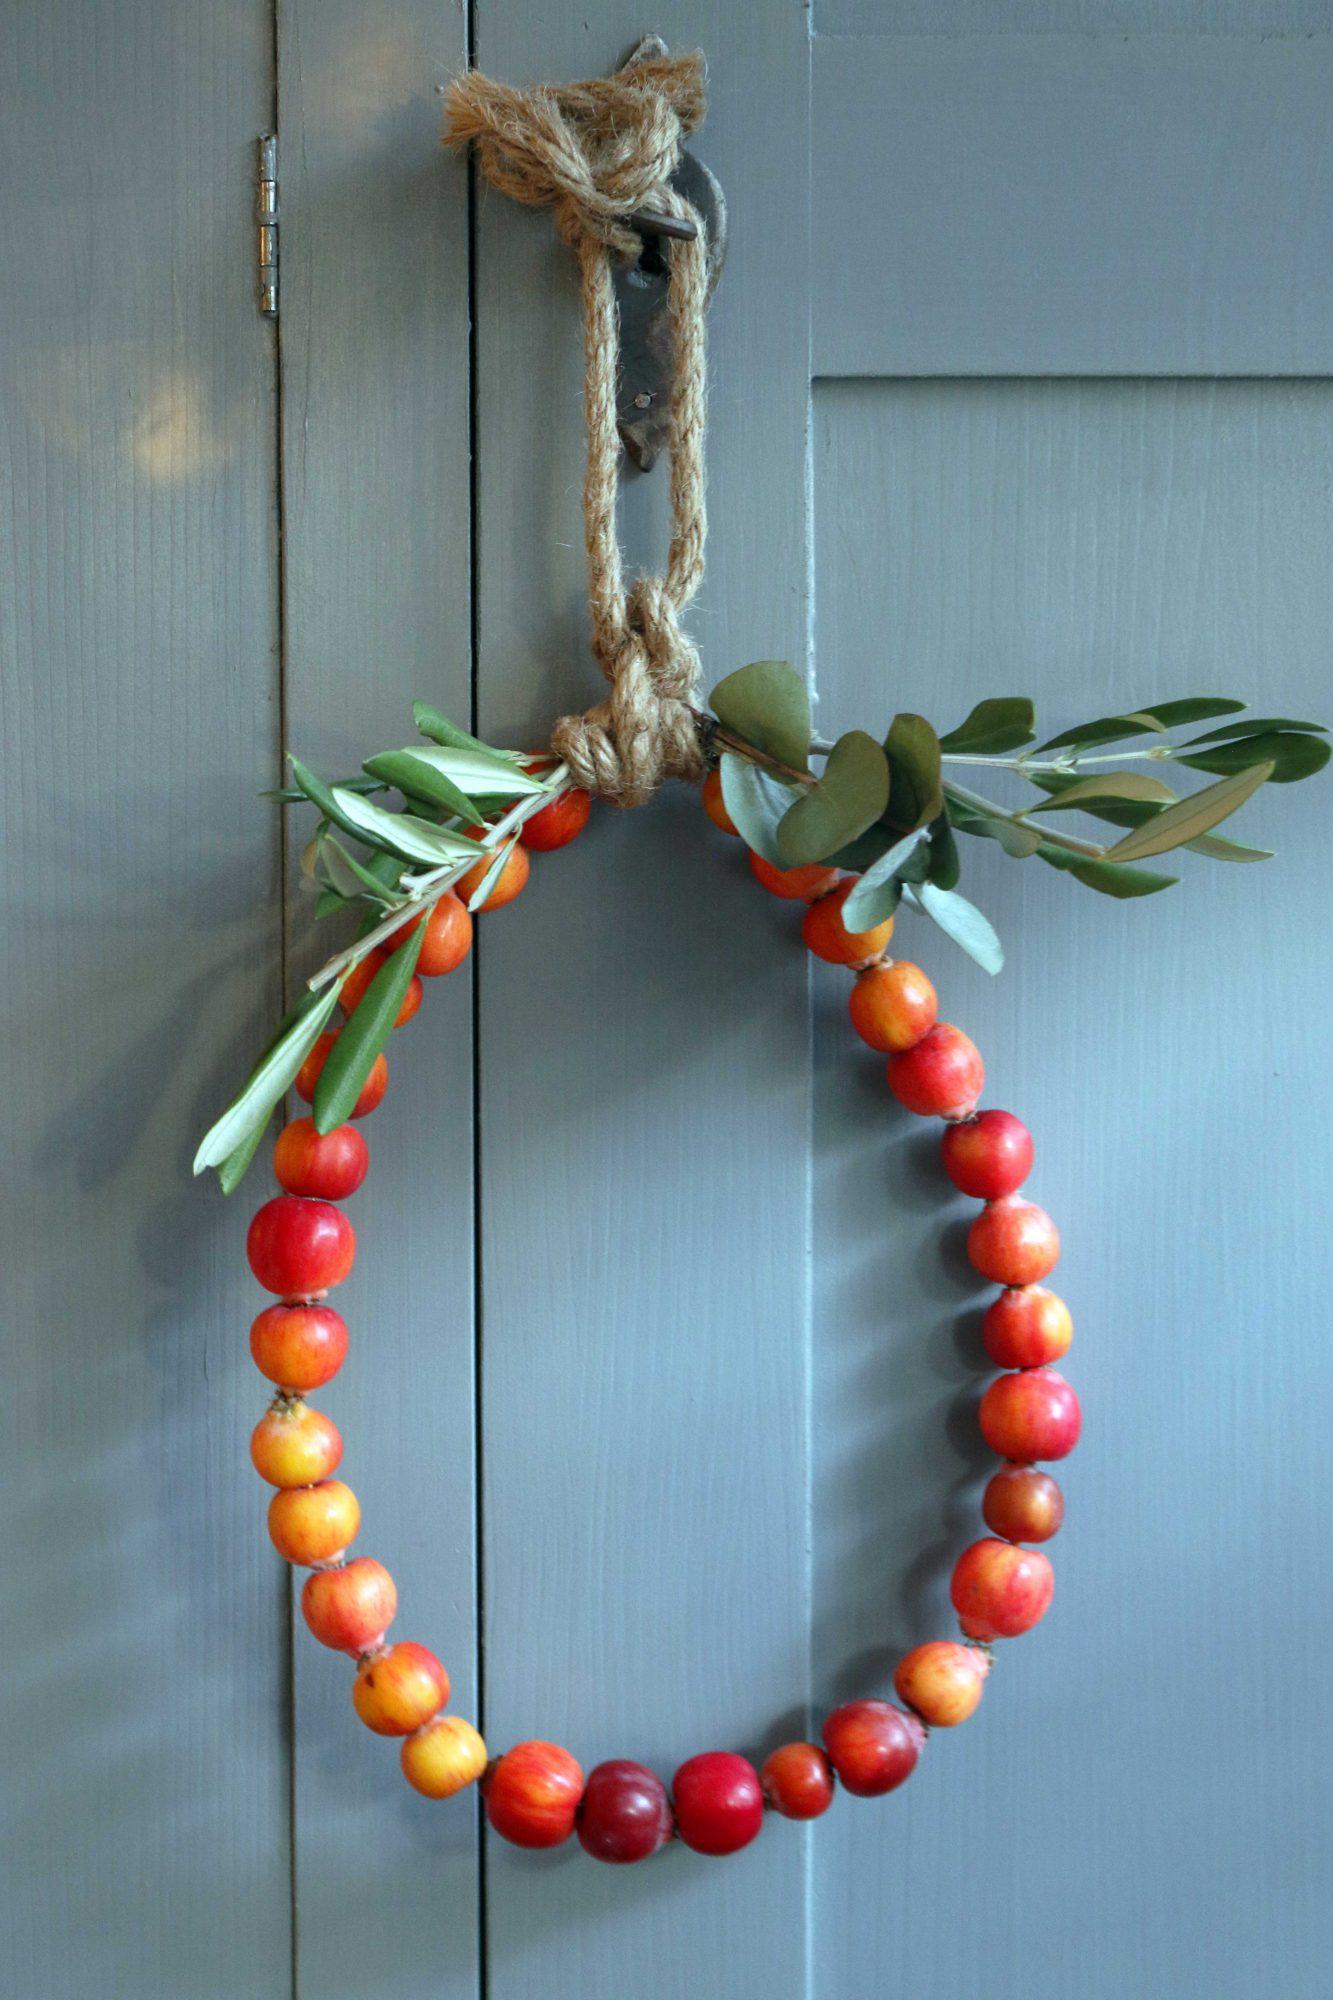 malusappeltjes in een herfstkrans